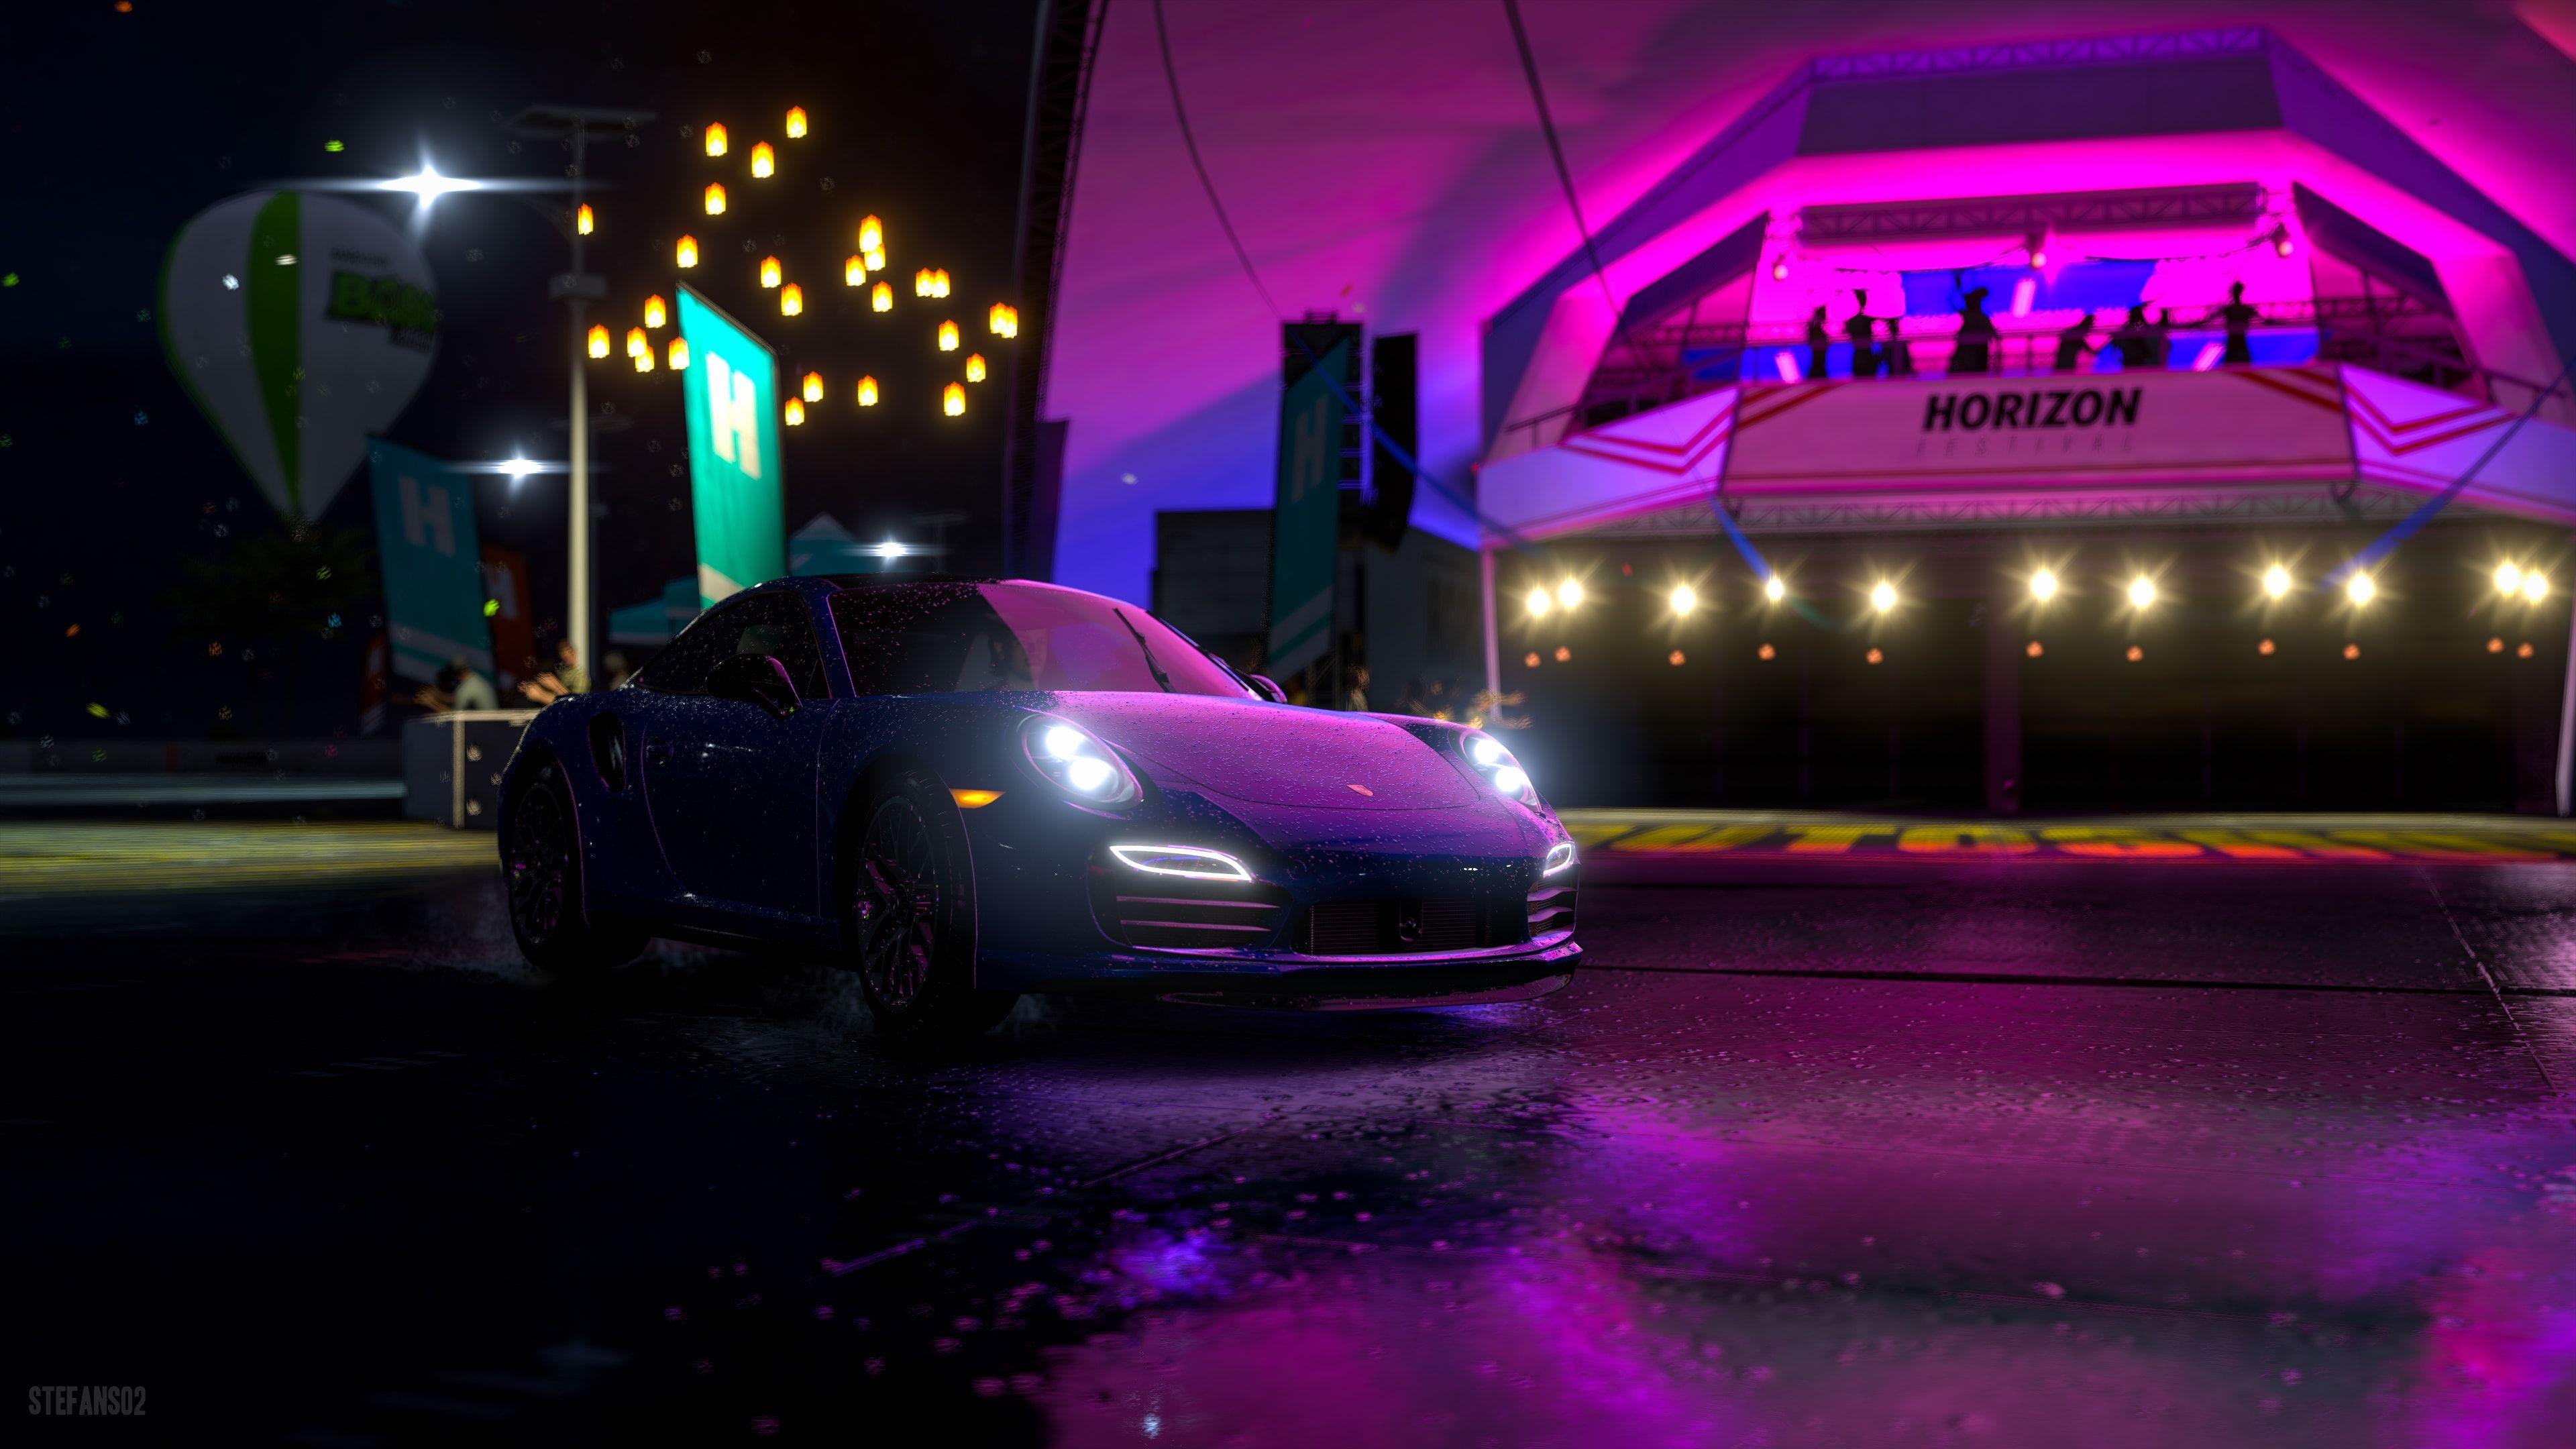 Forza Horizon Porsche Gt Rs Game Forza horizon 3, Gaming